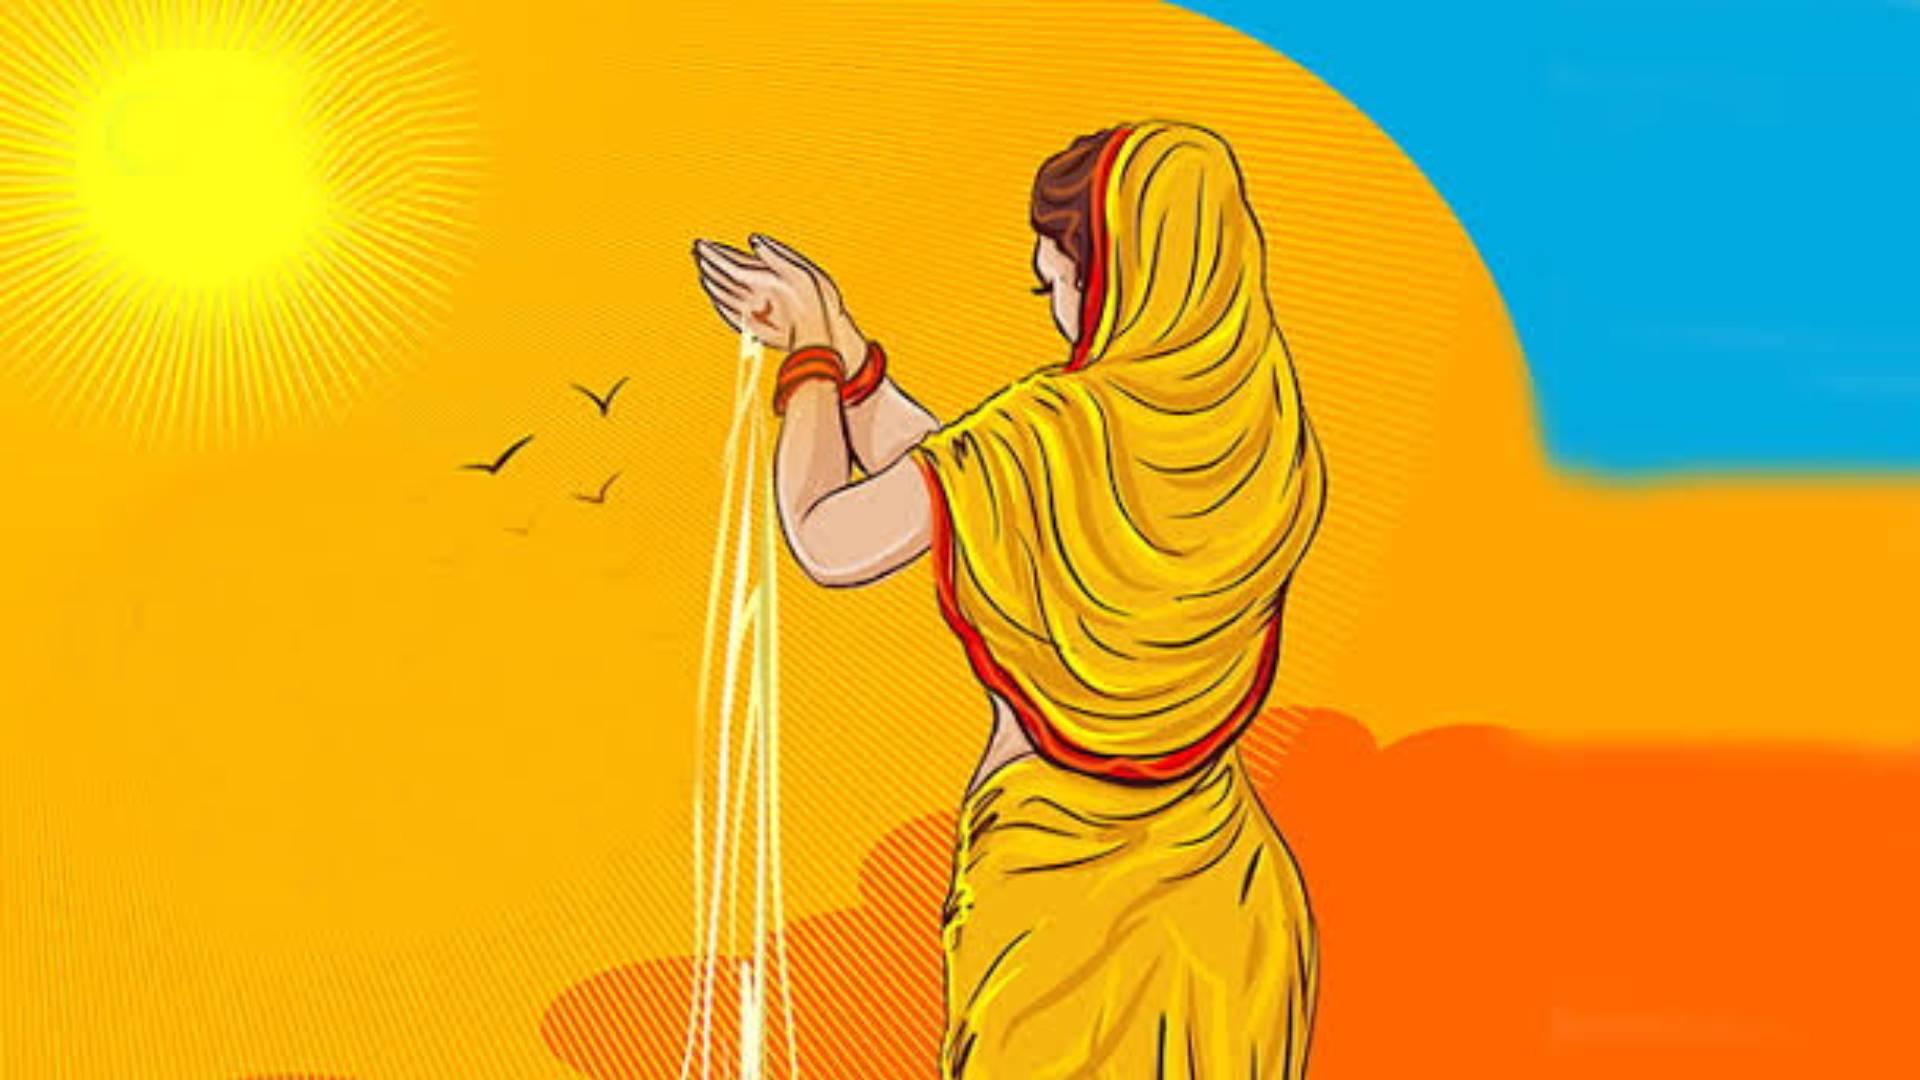 Chhath Puja 2019: छठ पूजा का महत्वपूर्ण दिन आज, डूबते सूर्य की उपासना का ये है महत्व